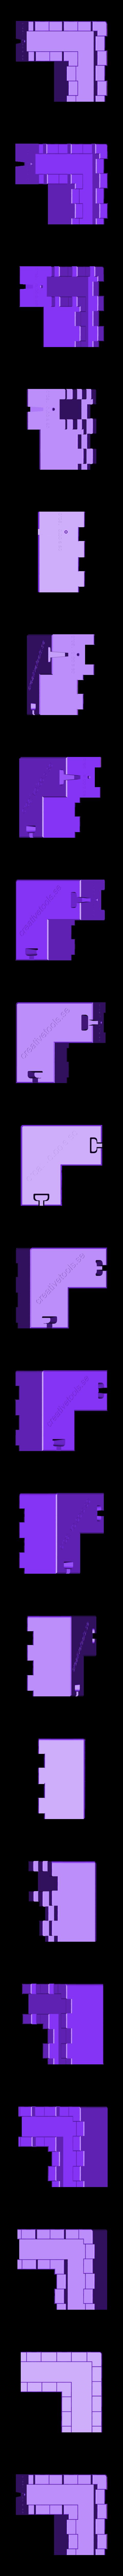 Wall_Corner_Medium_(Modular Castle Playset - 3D-printable)_By_CreativeTools.se.stl Télécharger fichier STL gratuit Plateau modulaire de château (imprimable en 3D) • Modèle à imprimer en 3D, CreativeTools